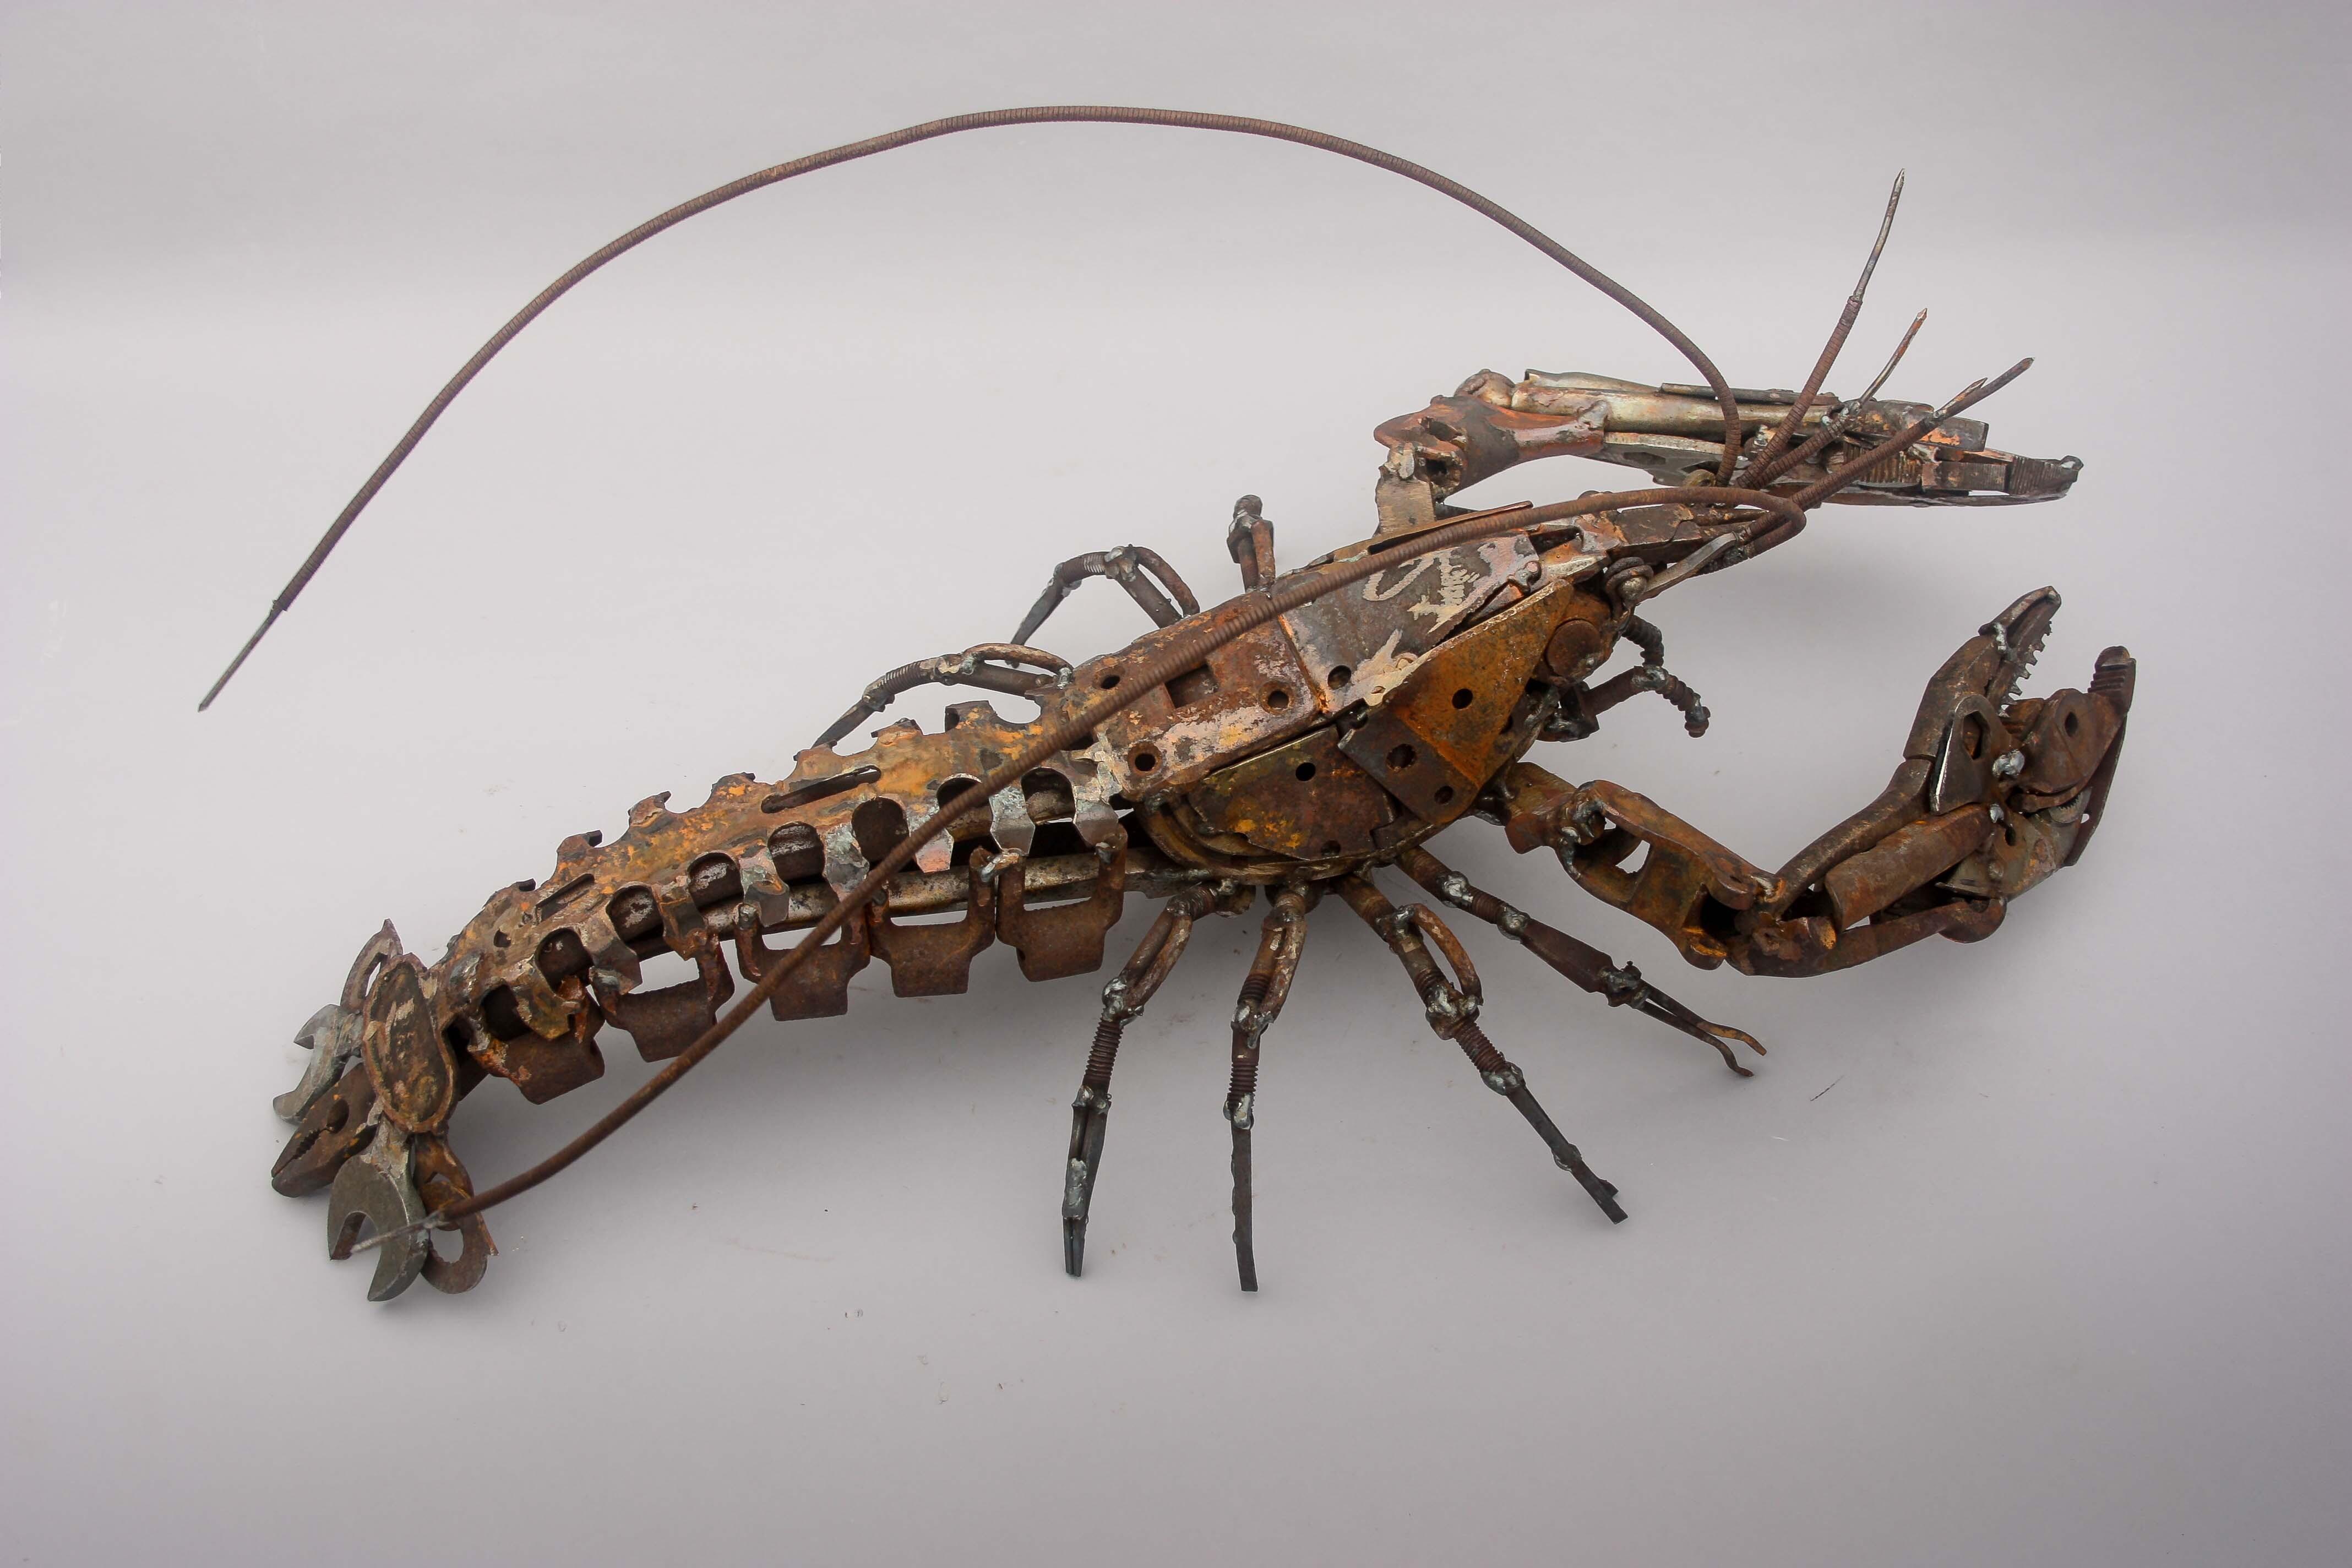 <p>Harriet Mead, Mole Grip Lobster</p>